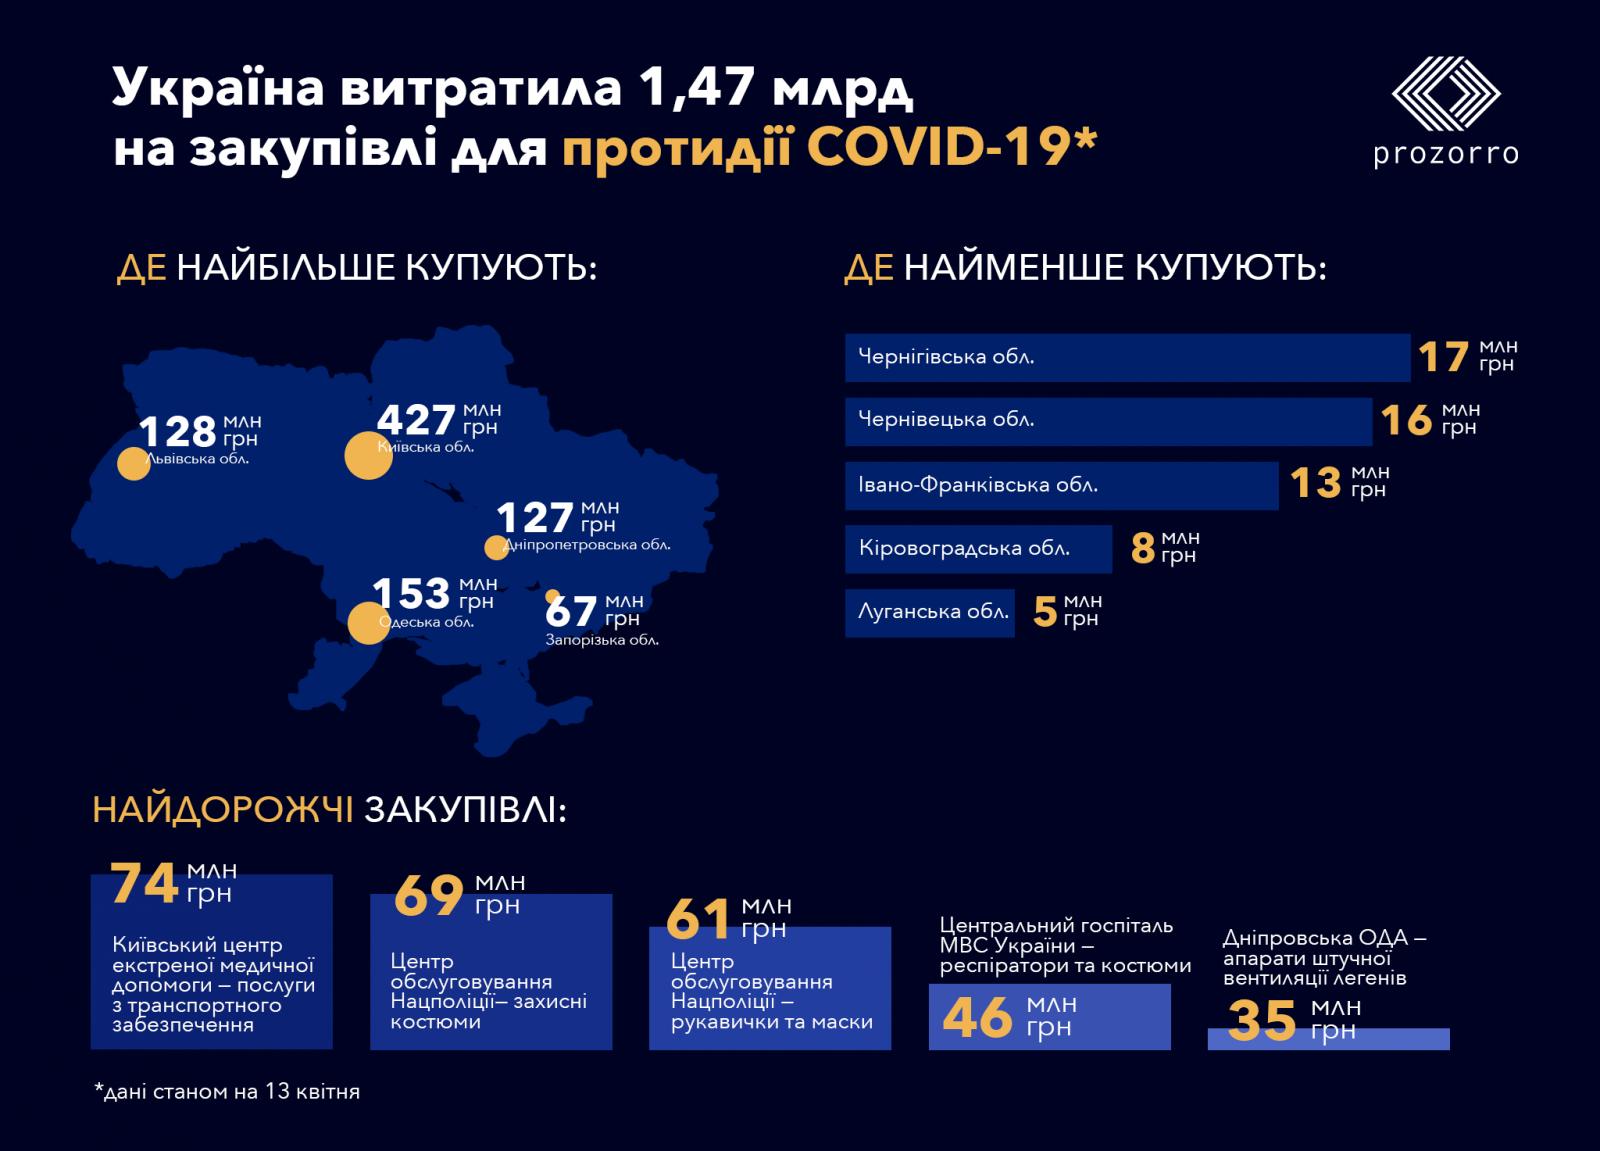 Україна витратила на закупівлі для боротьби з коронавірусом майже 1,5 млрд гривень, - Prozorro